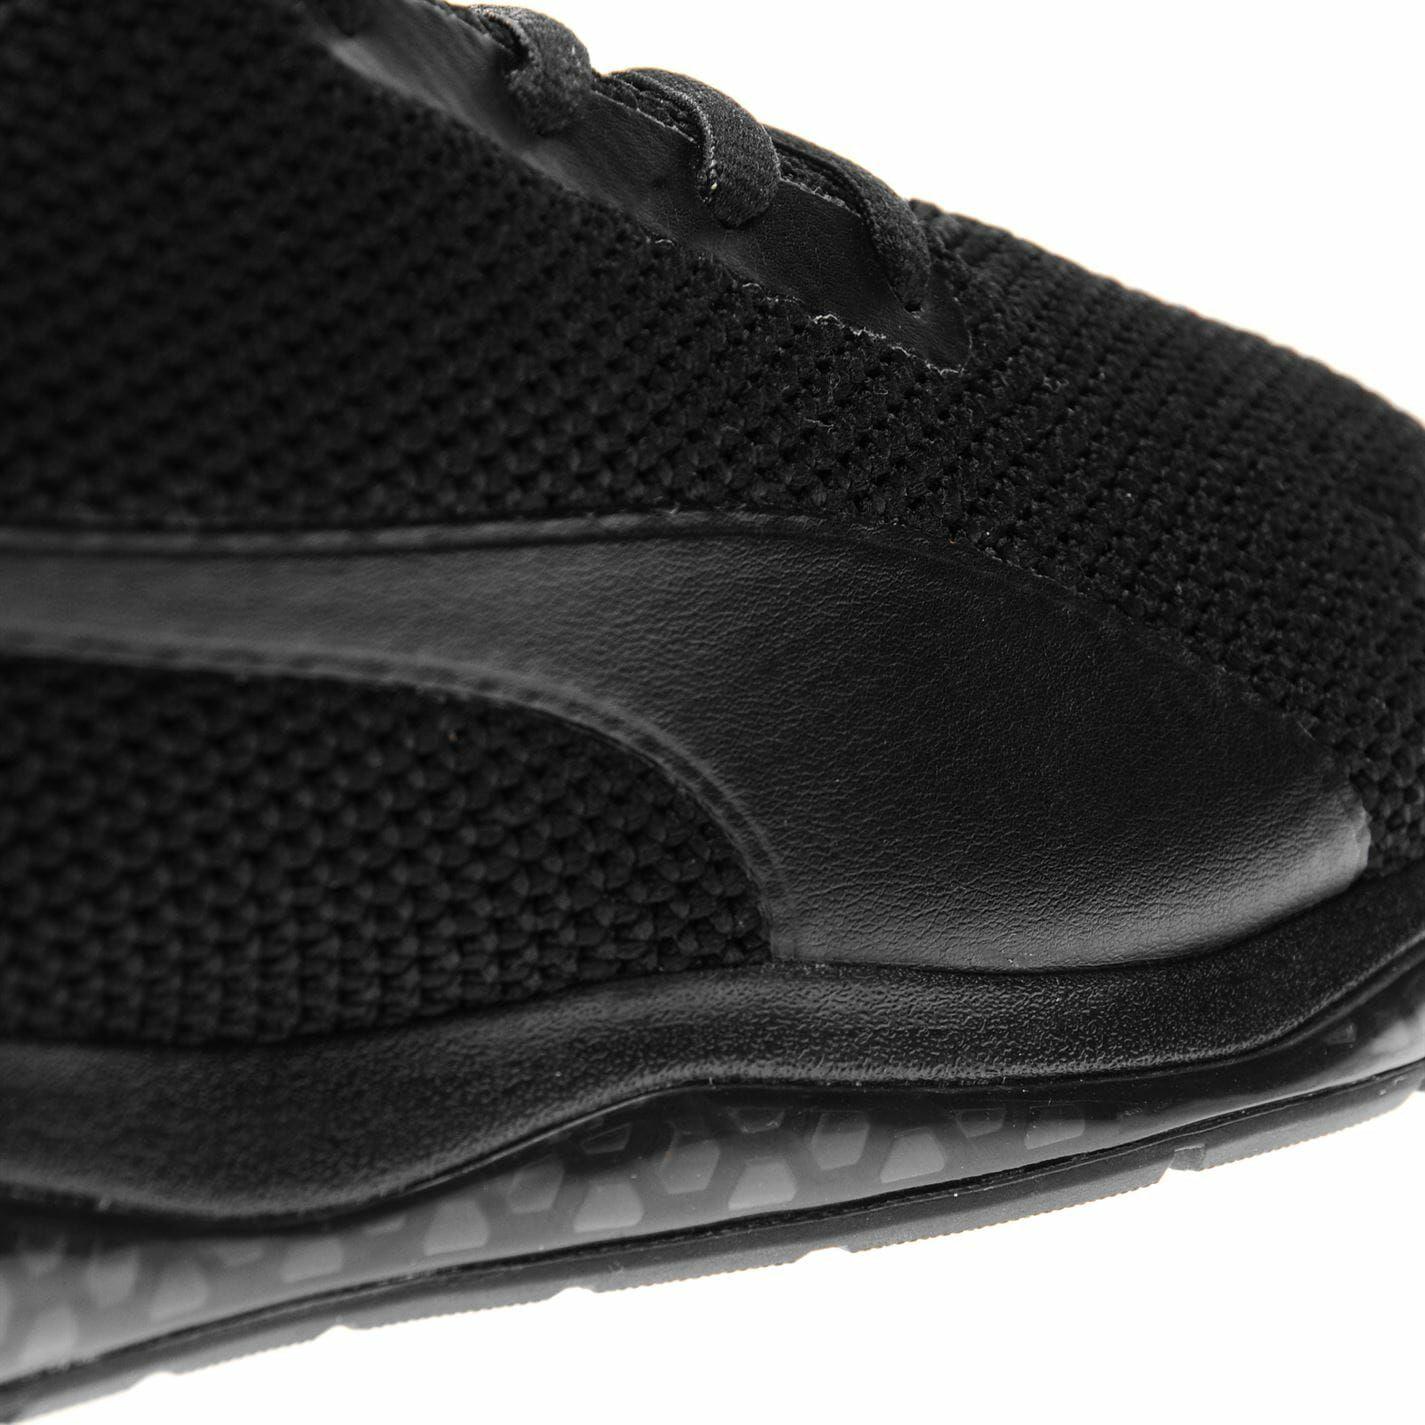 îmbrăcăminte sport de performanță preț atractiv pantofi de sport Puma Cell Ultimate Trainers Mens (12700303_3) - Sports.woomie.ro